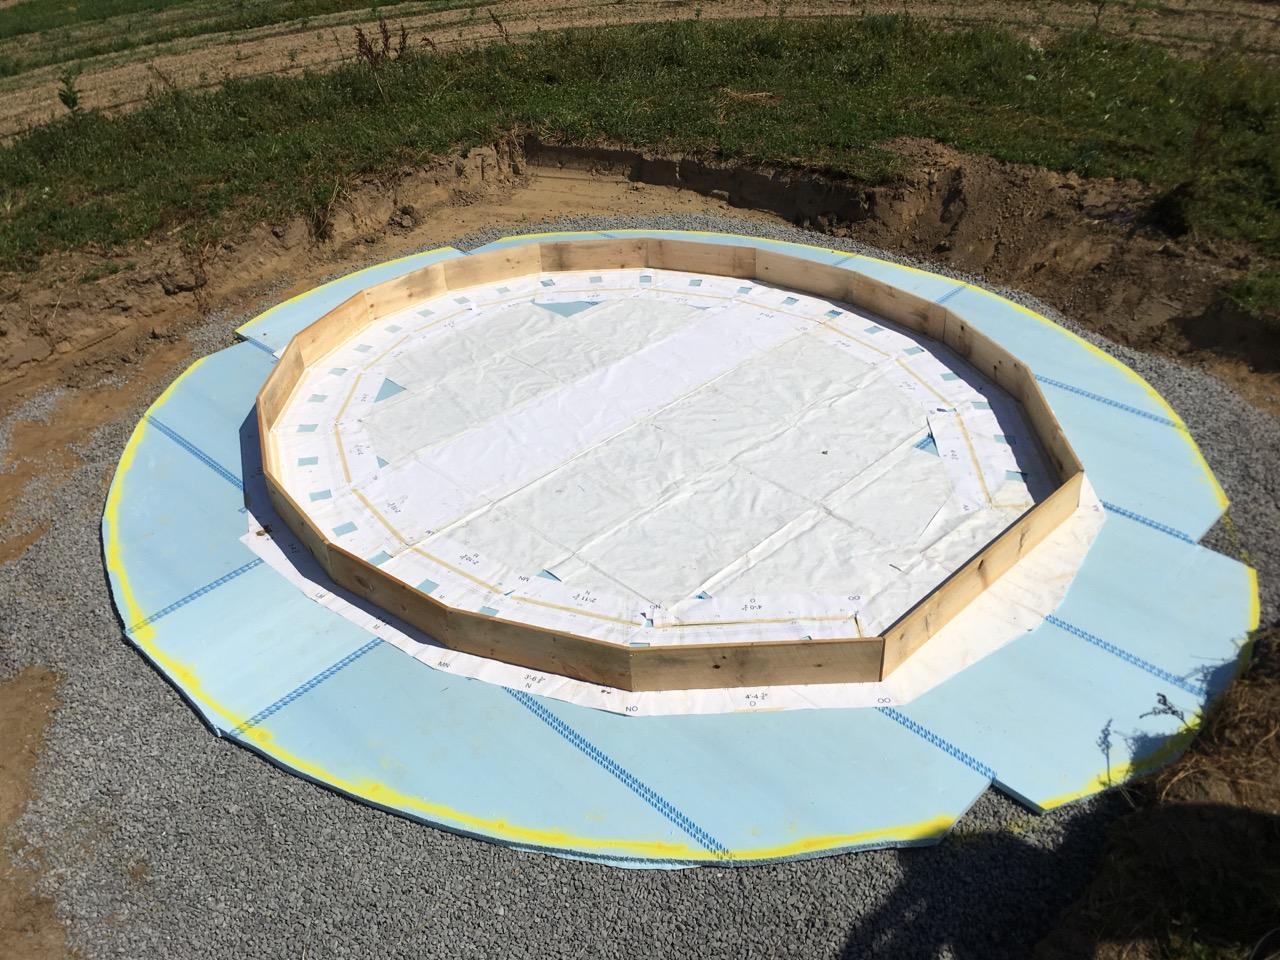 Foundations preparation for Pollinators Pavilion